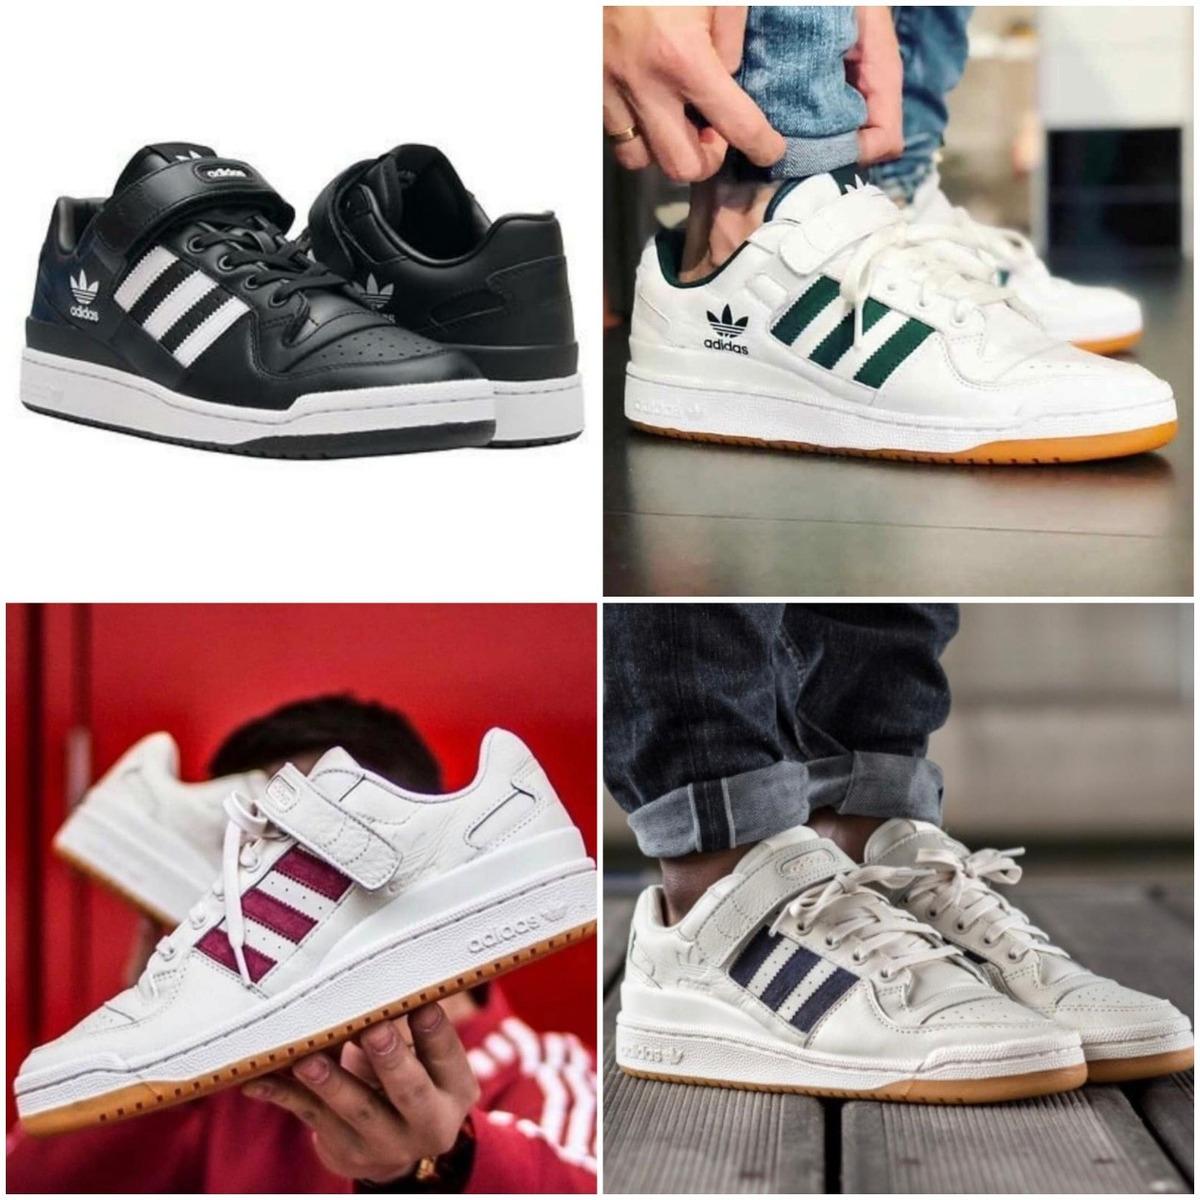 Para Hombre Zapatos Low adidas Forum oeCBWrdx